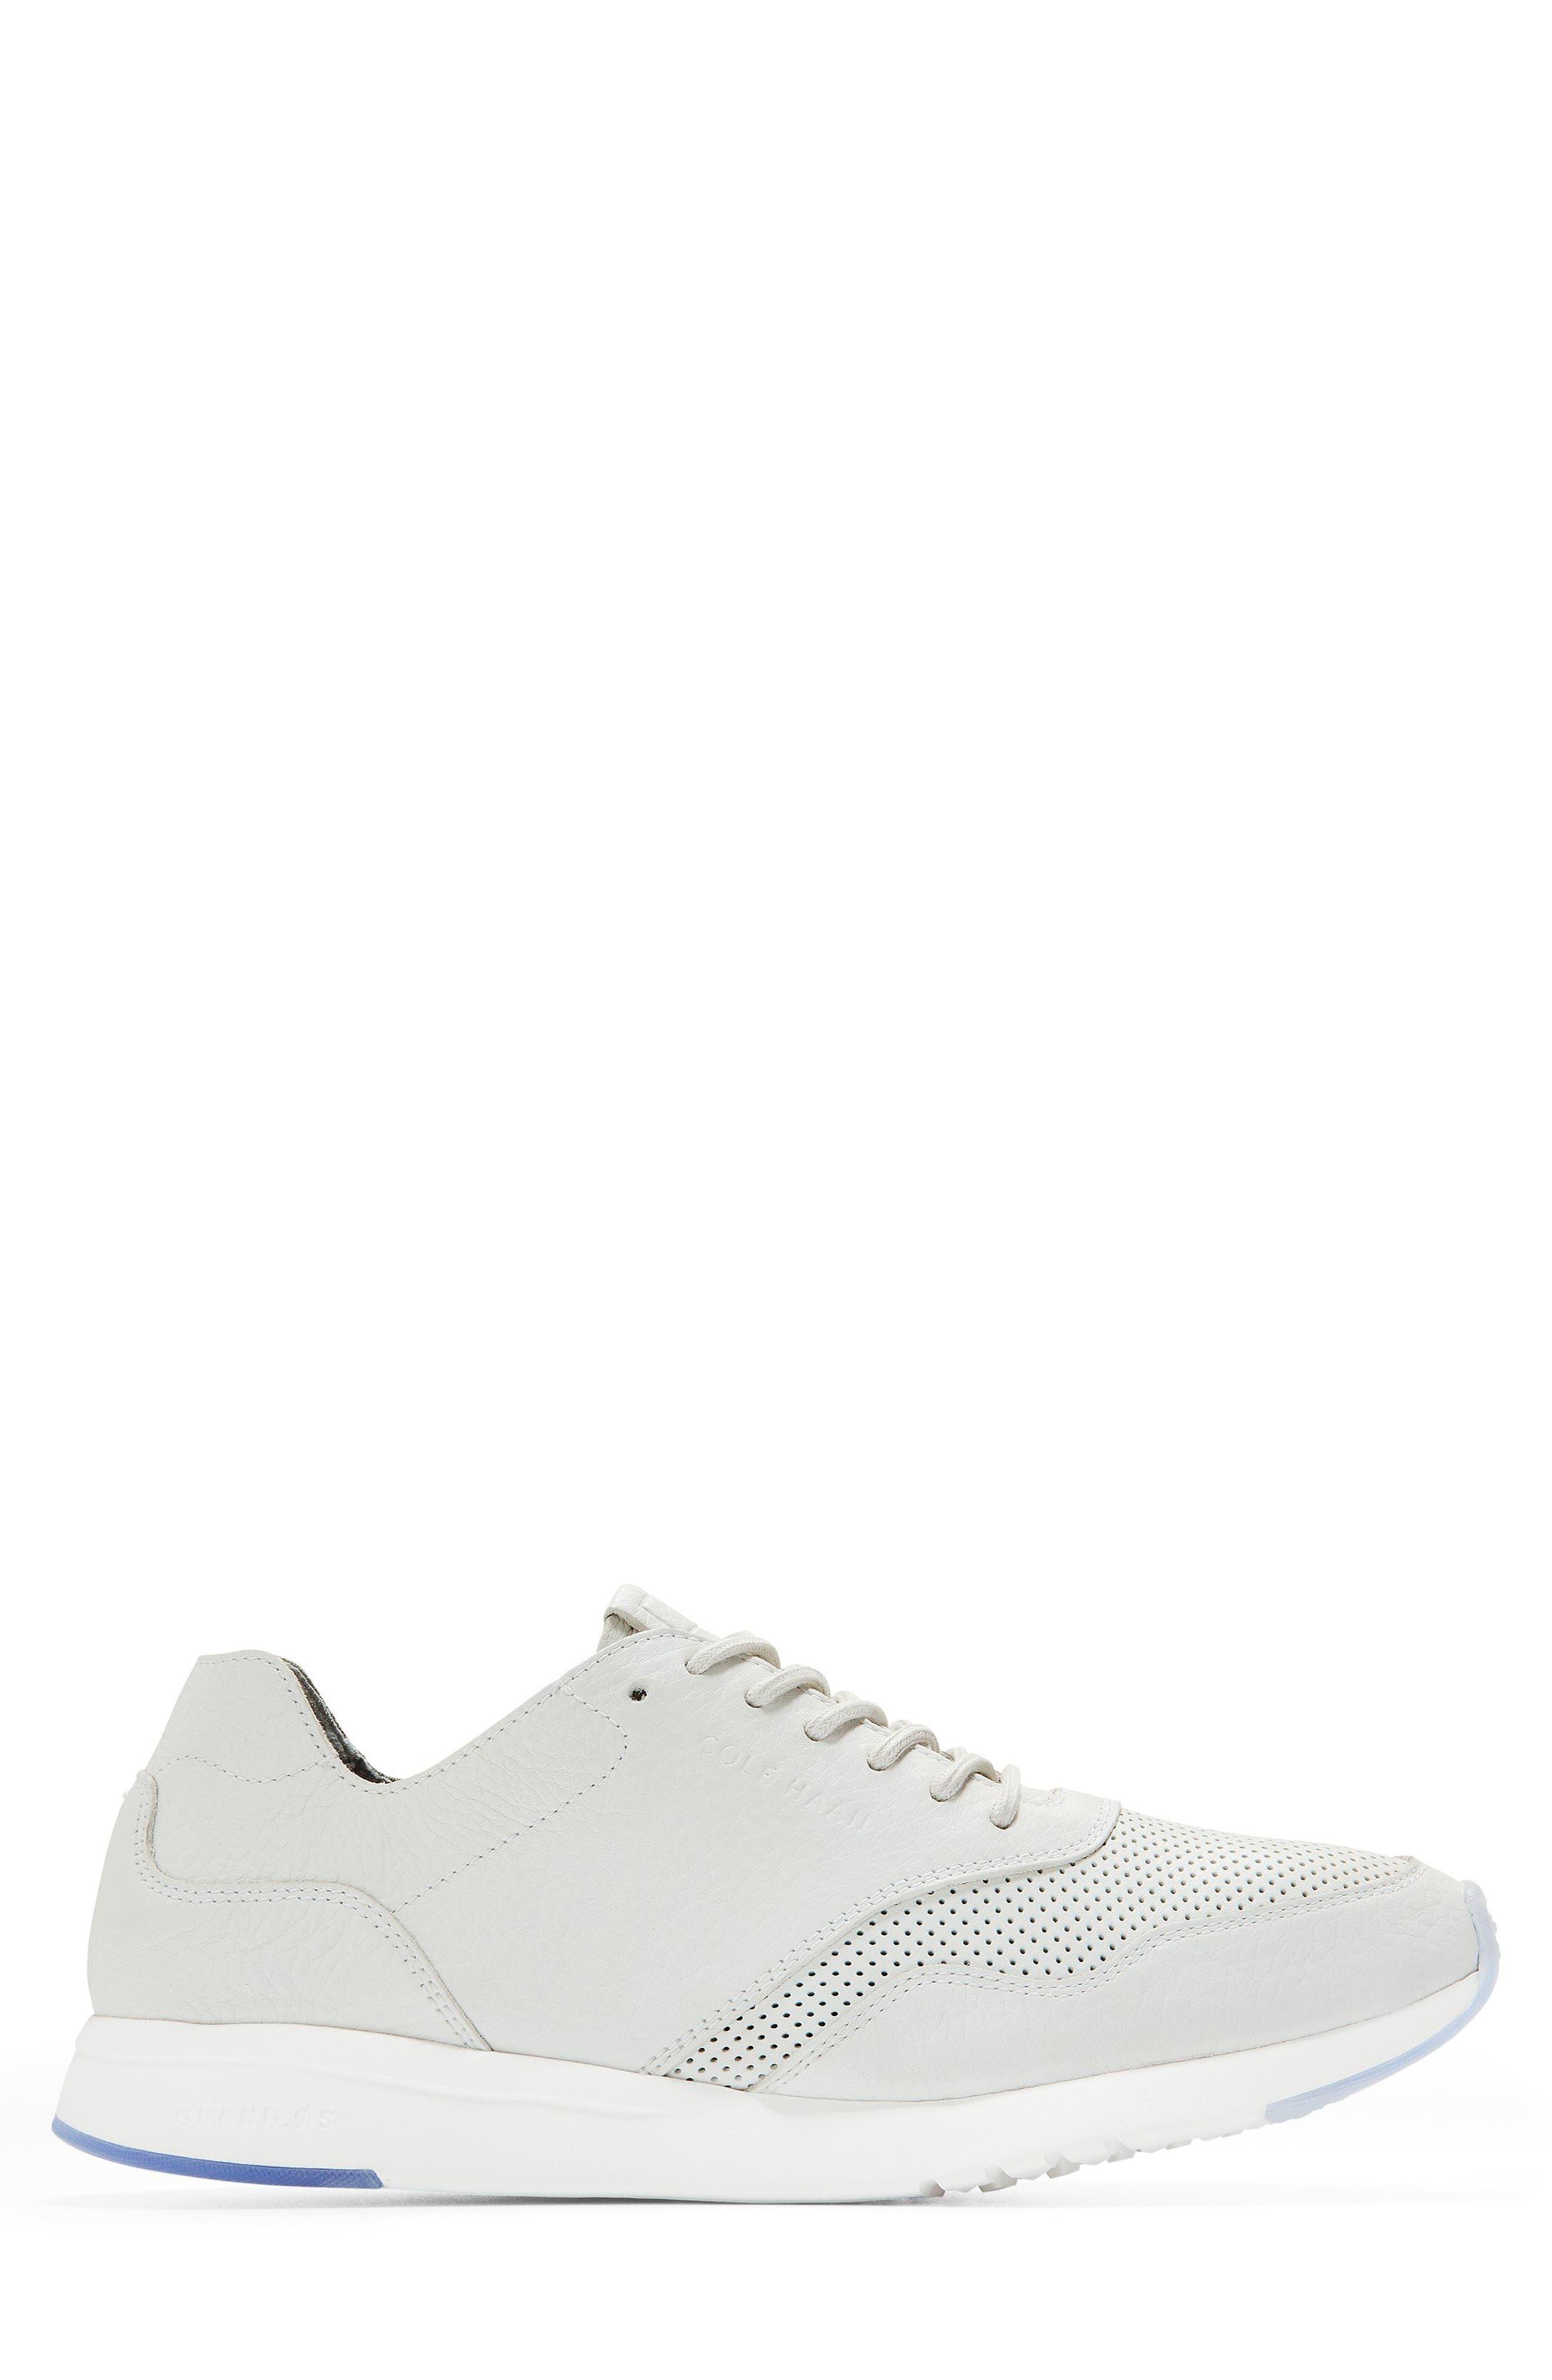 GrandPrø Deconstructed Running Sneaker,                             Alternate thumbnail 3, color,                             White Leather